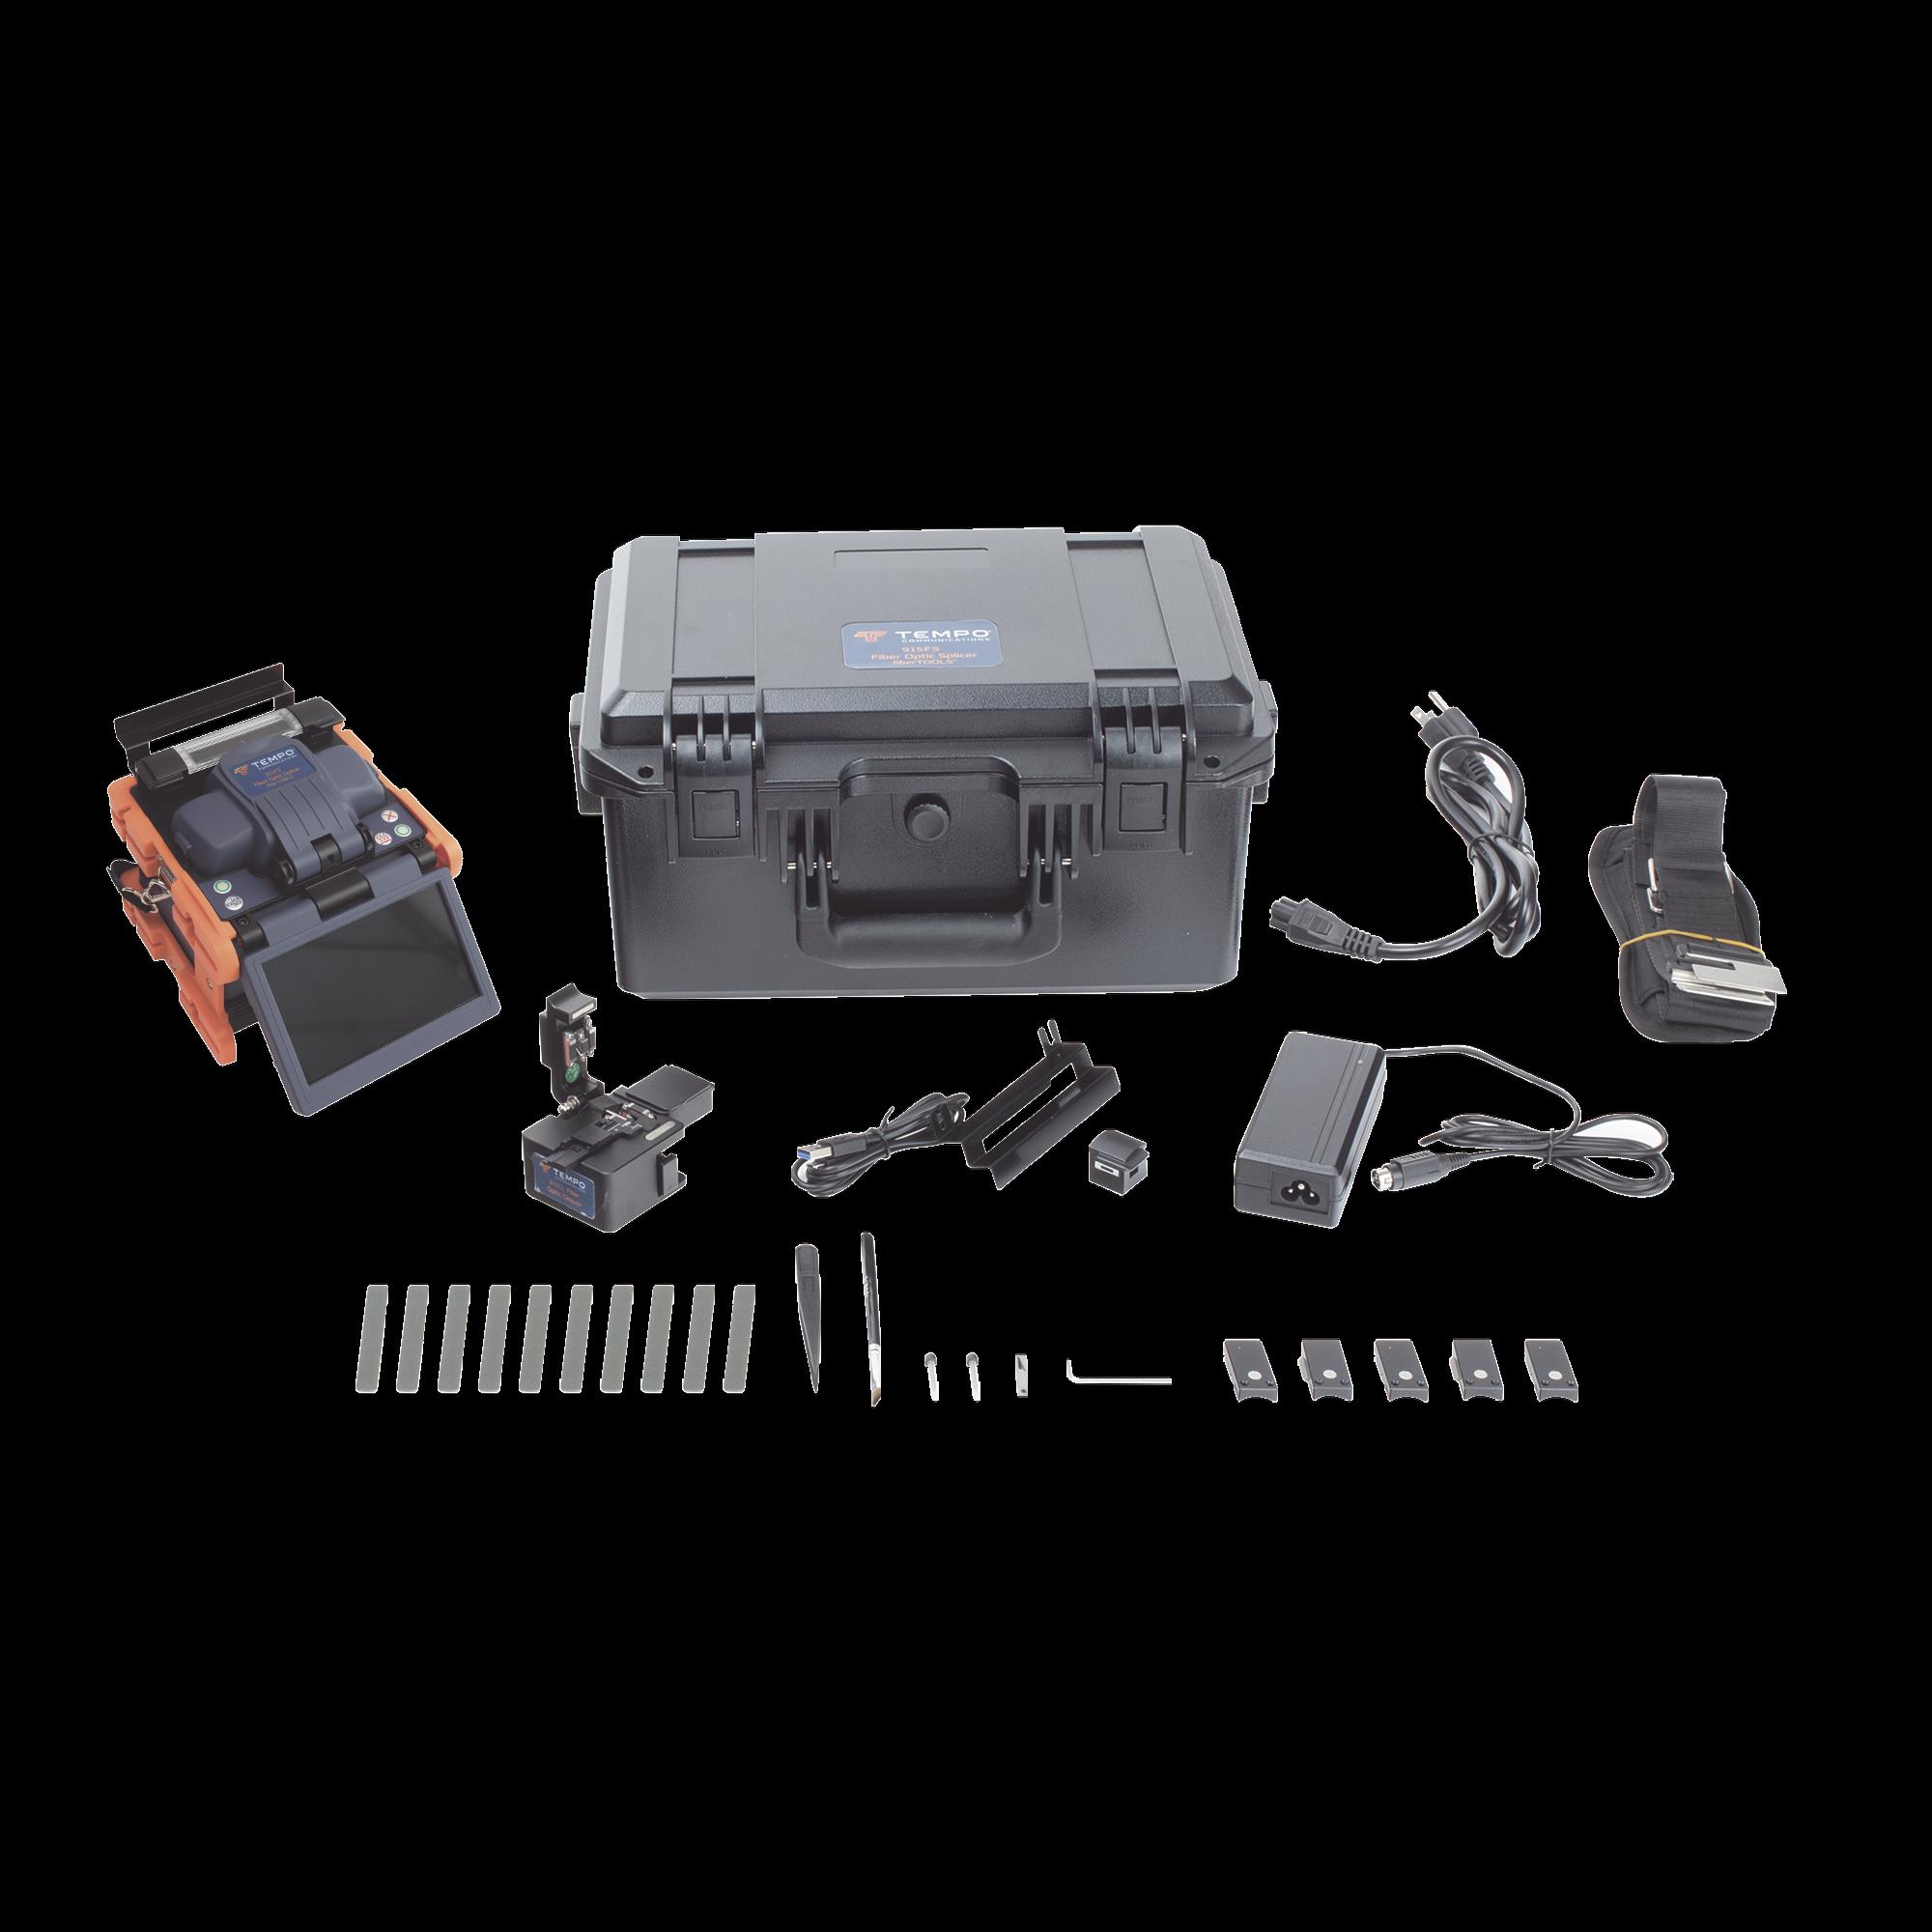 Fusionadora de Fibra óptica de Alineación Activa por Revestimiento / Compensación por Núcleo con 4 Motores